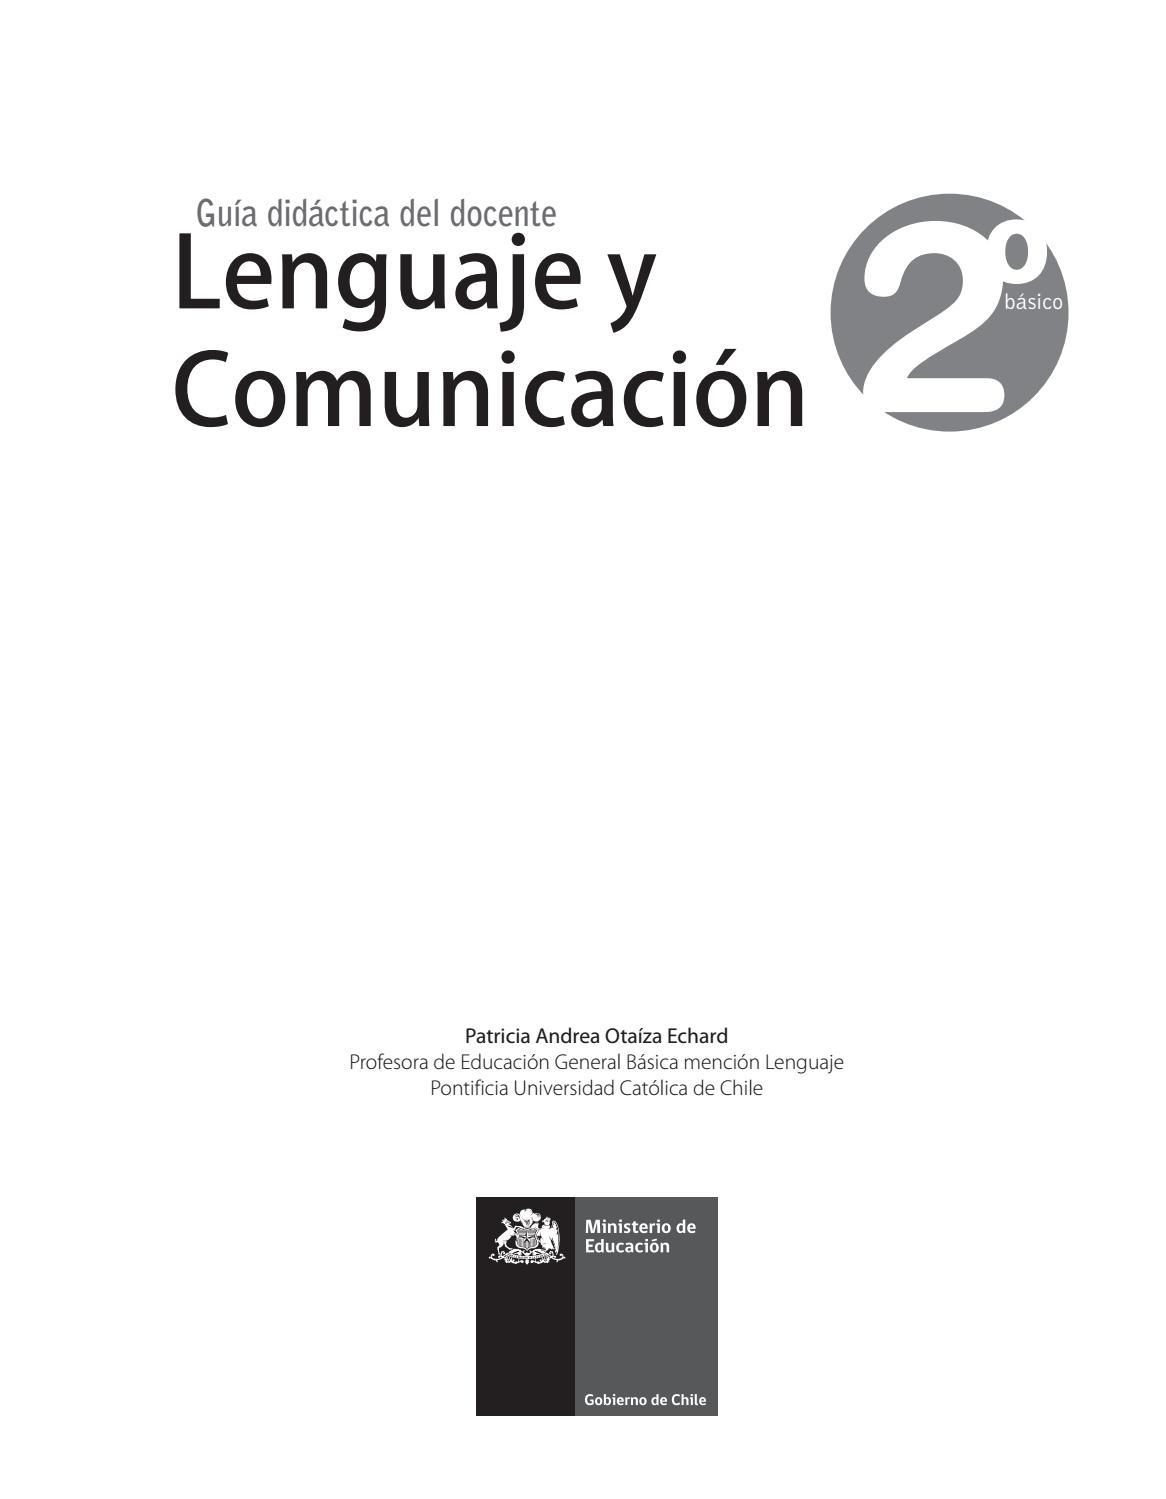 2° docente by María Paz Acevedo - issuu